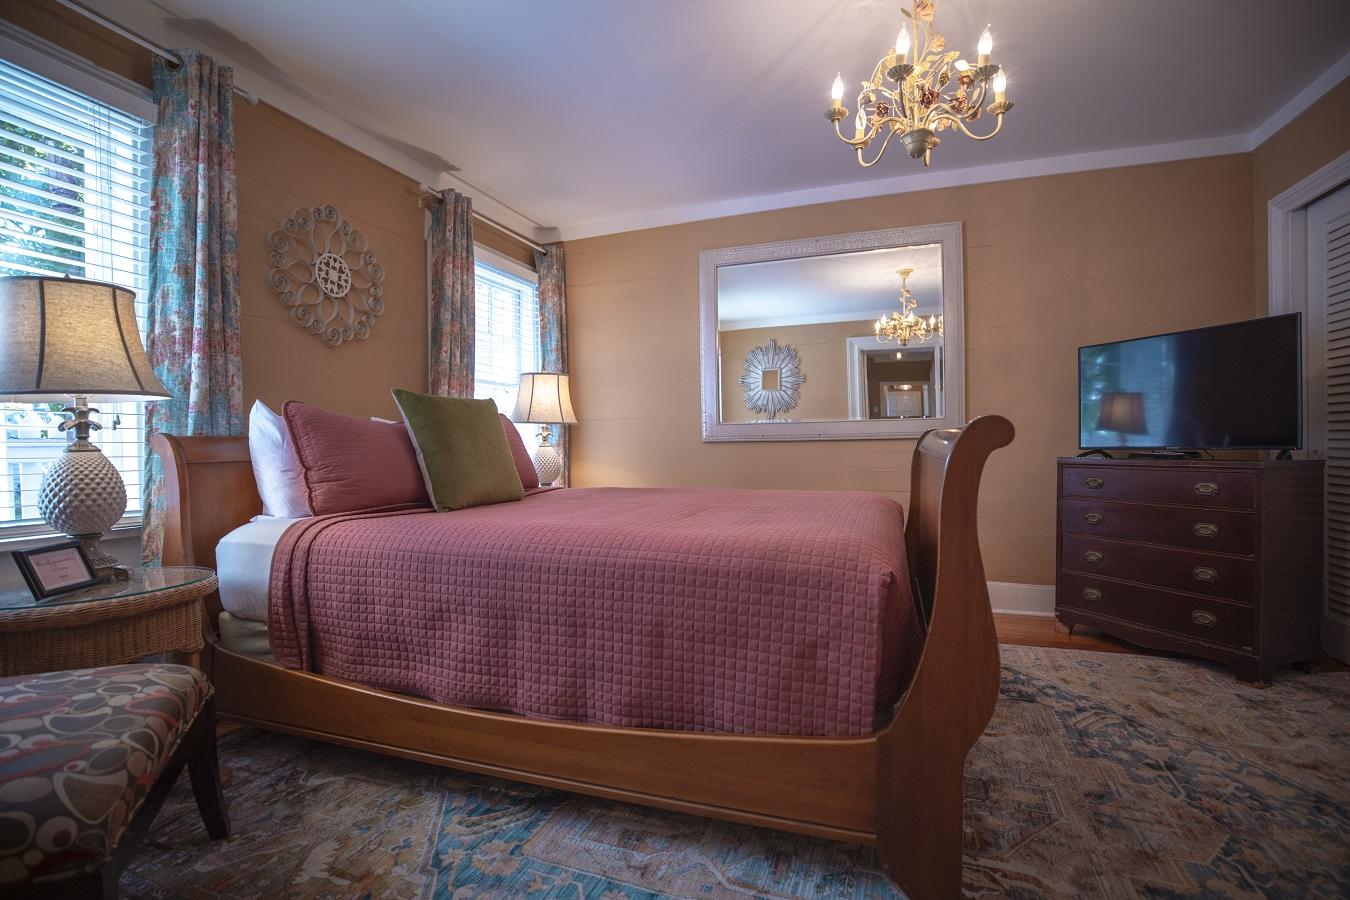 Key West Vacation Rental - William Skelton Home - Boca Queen Bedroom